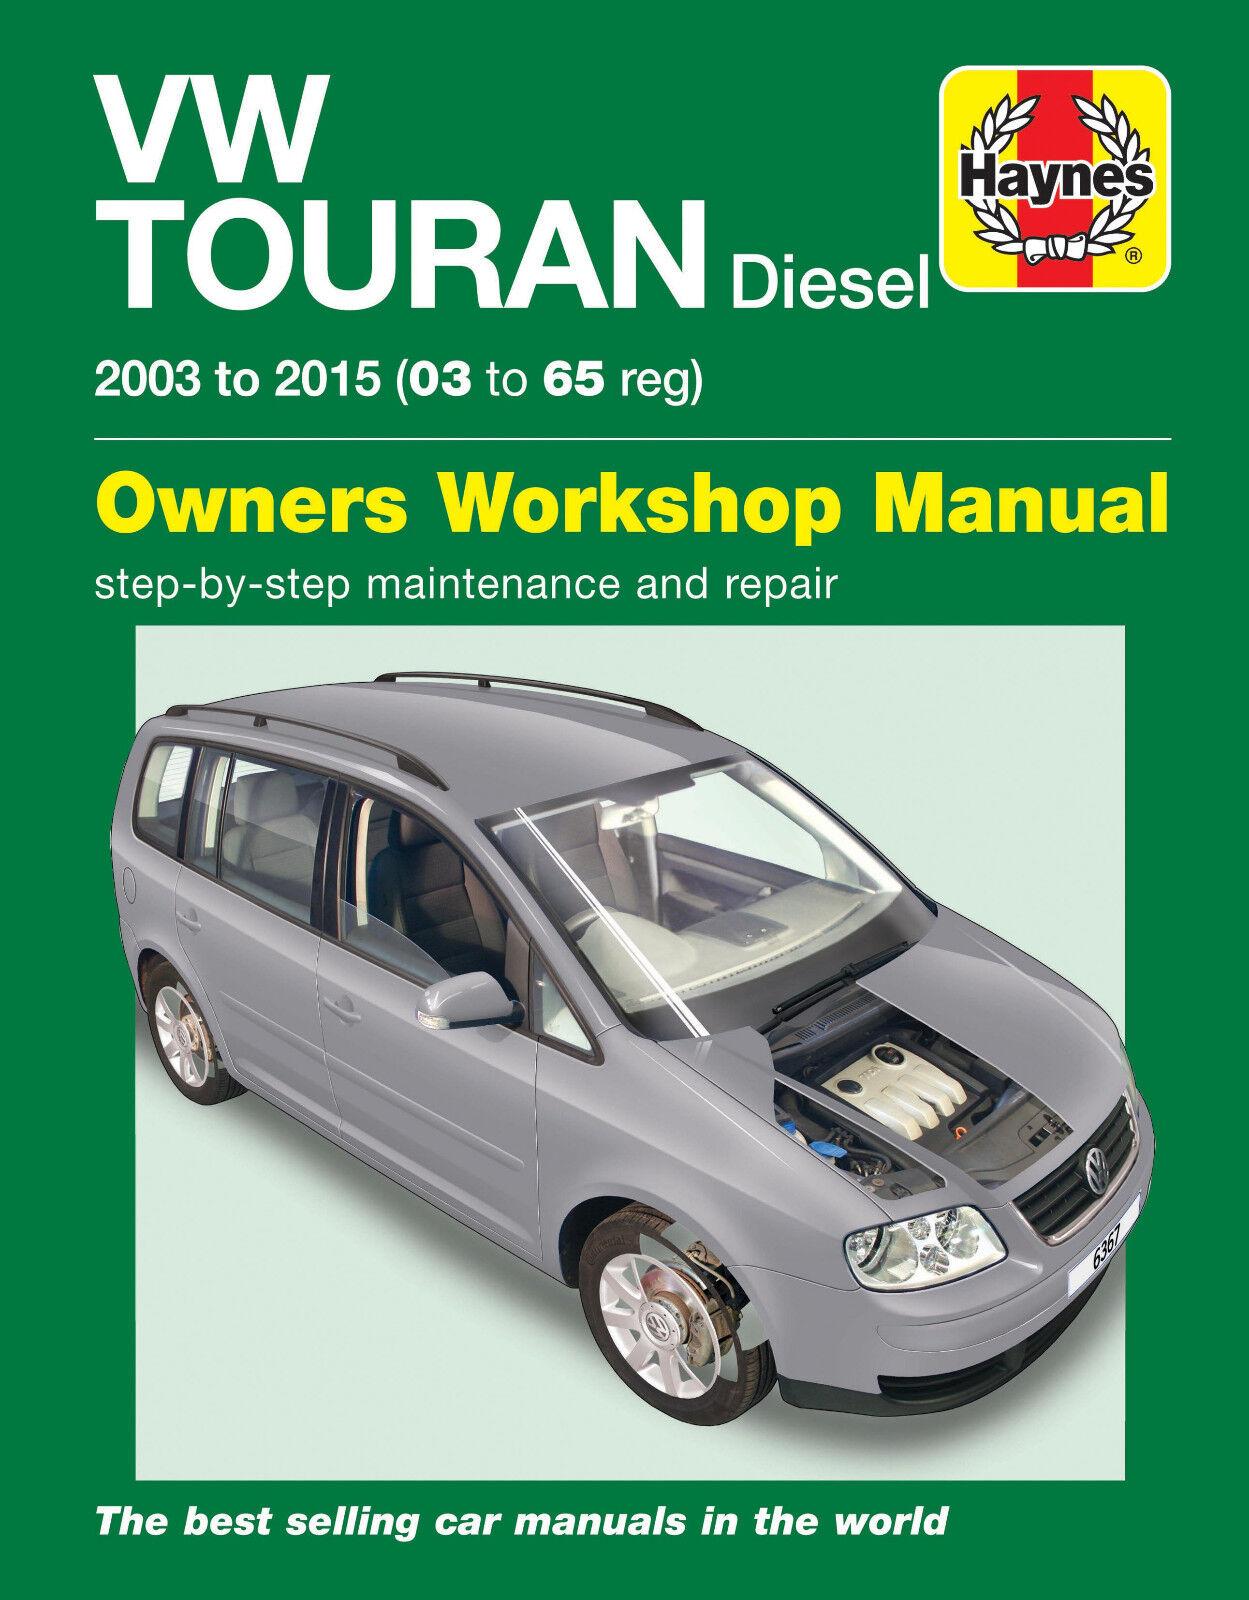 HAYNES 6367 MANUAL VW VOLKSWAGEN TOURAN DIESEL 03 - 15 ( 03 - 65 REG )